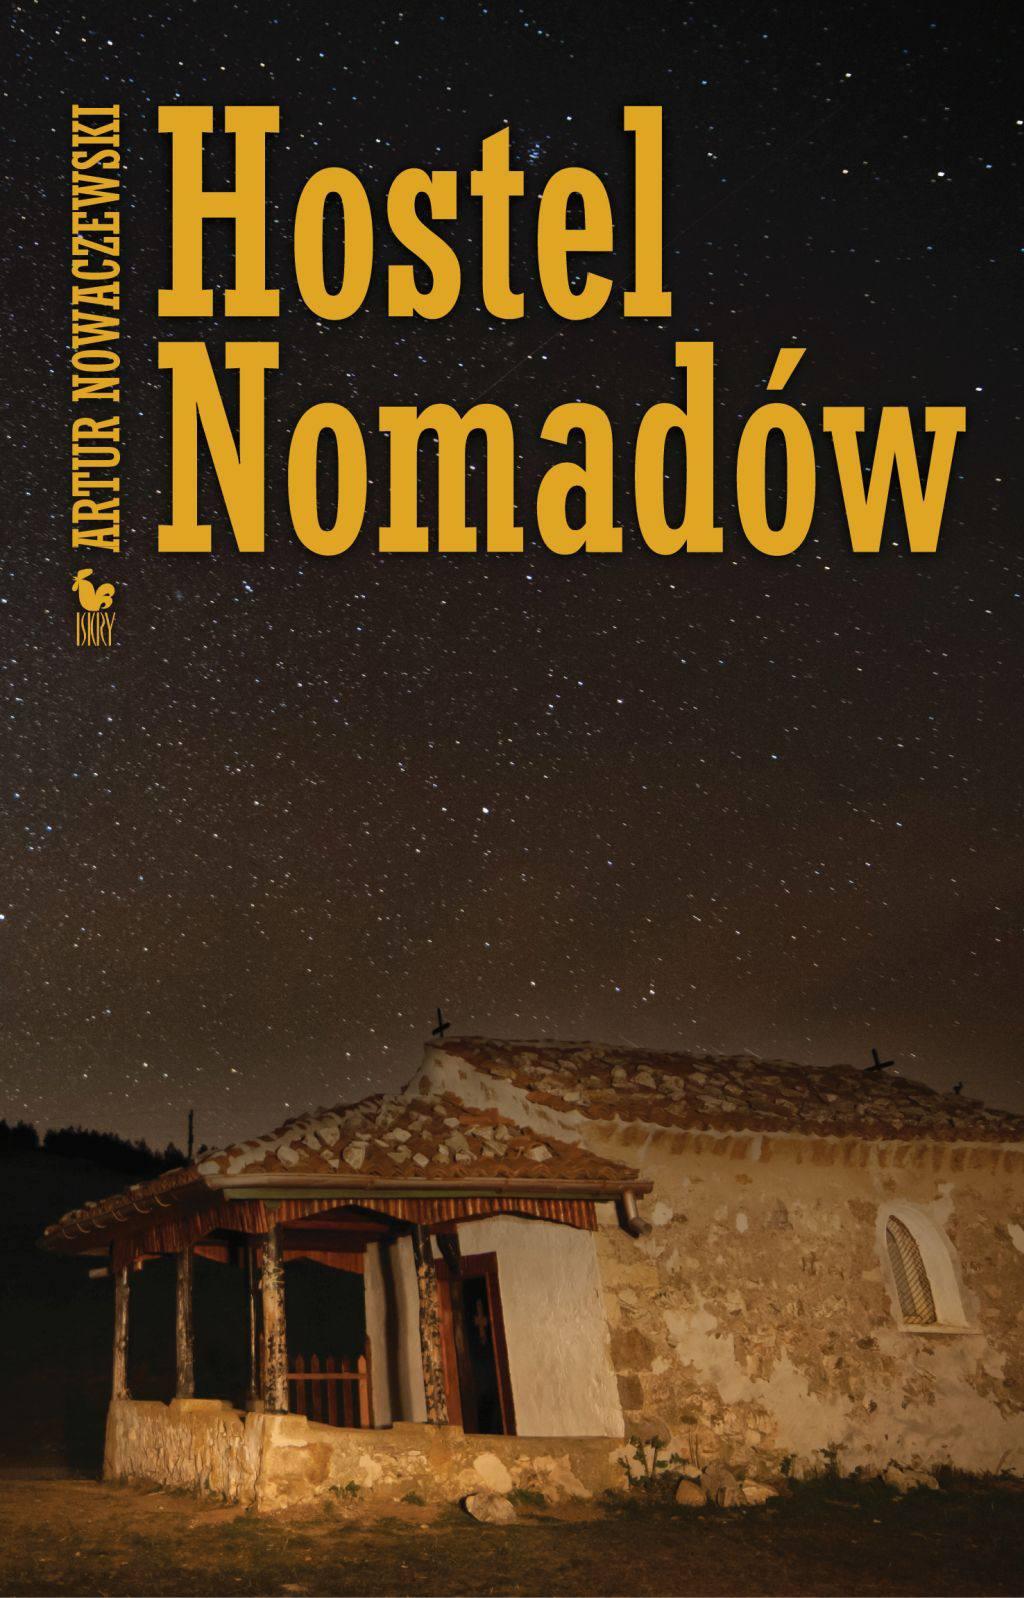 Hostel Nomadów - Ebook (Książka na Kindle) do pobrania w formacie MOBI